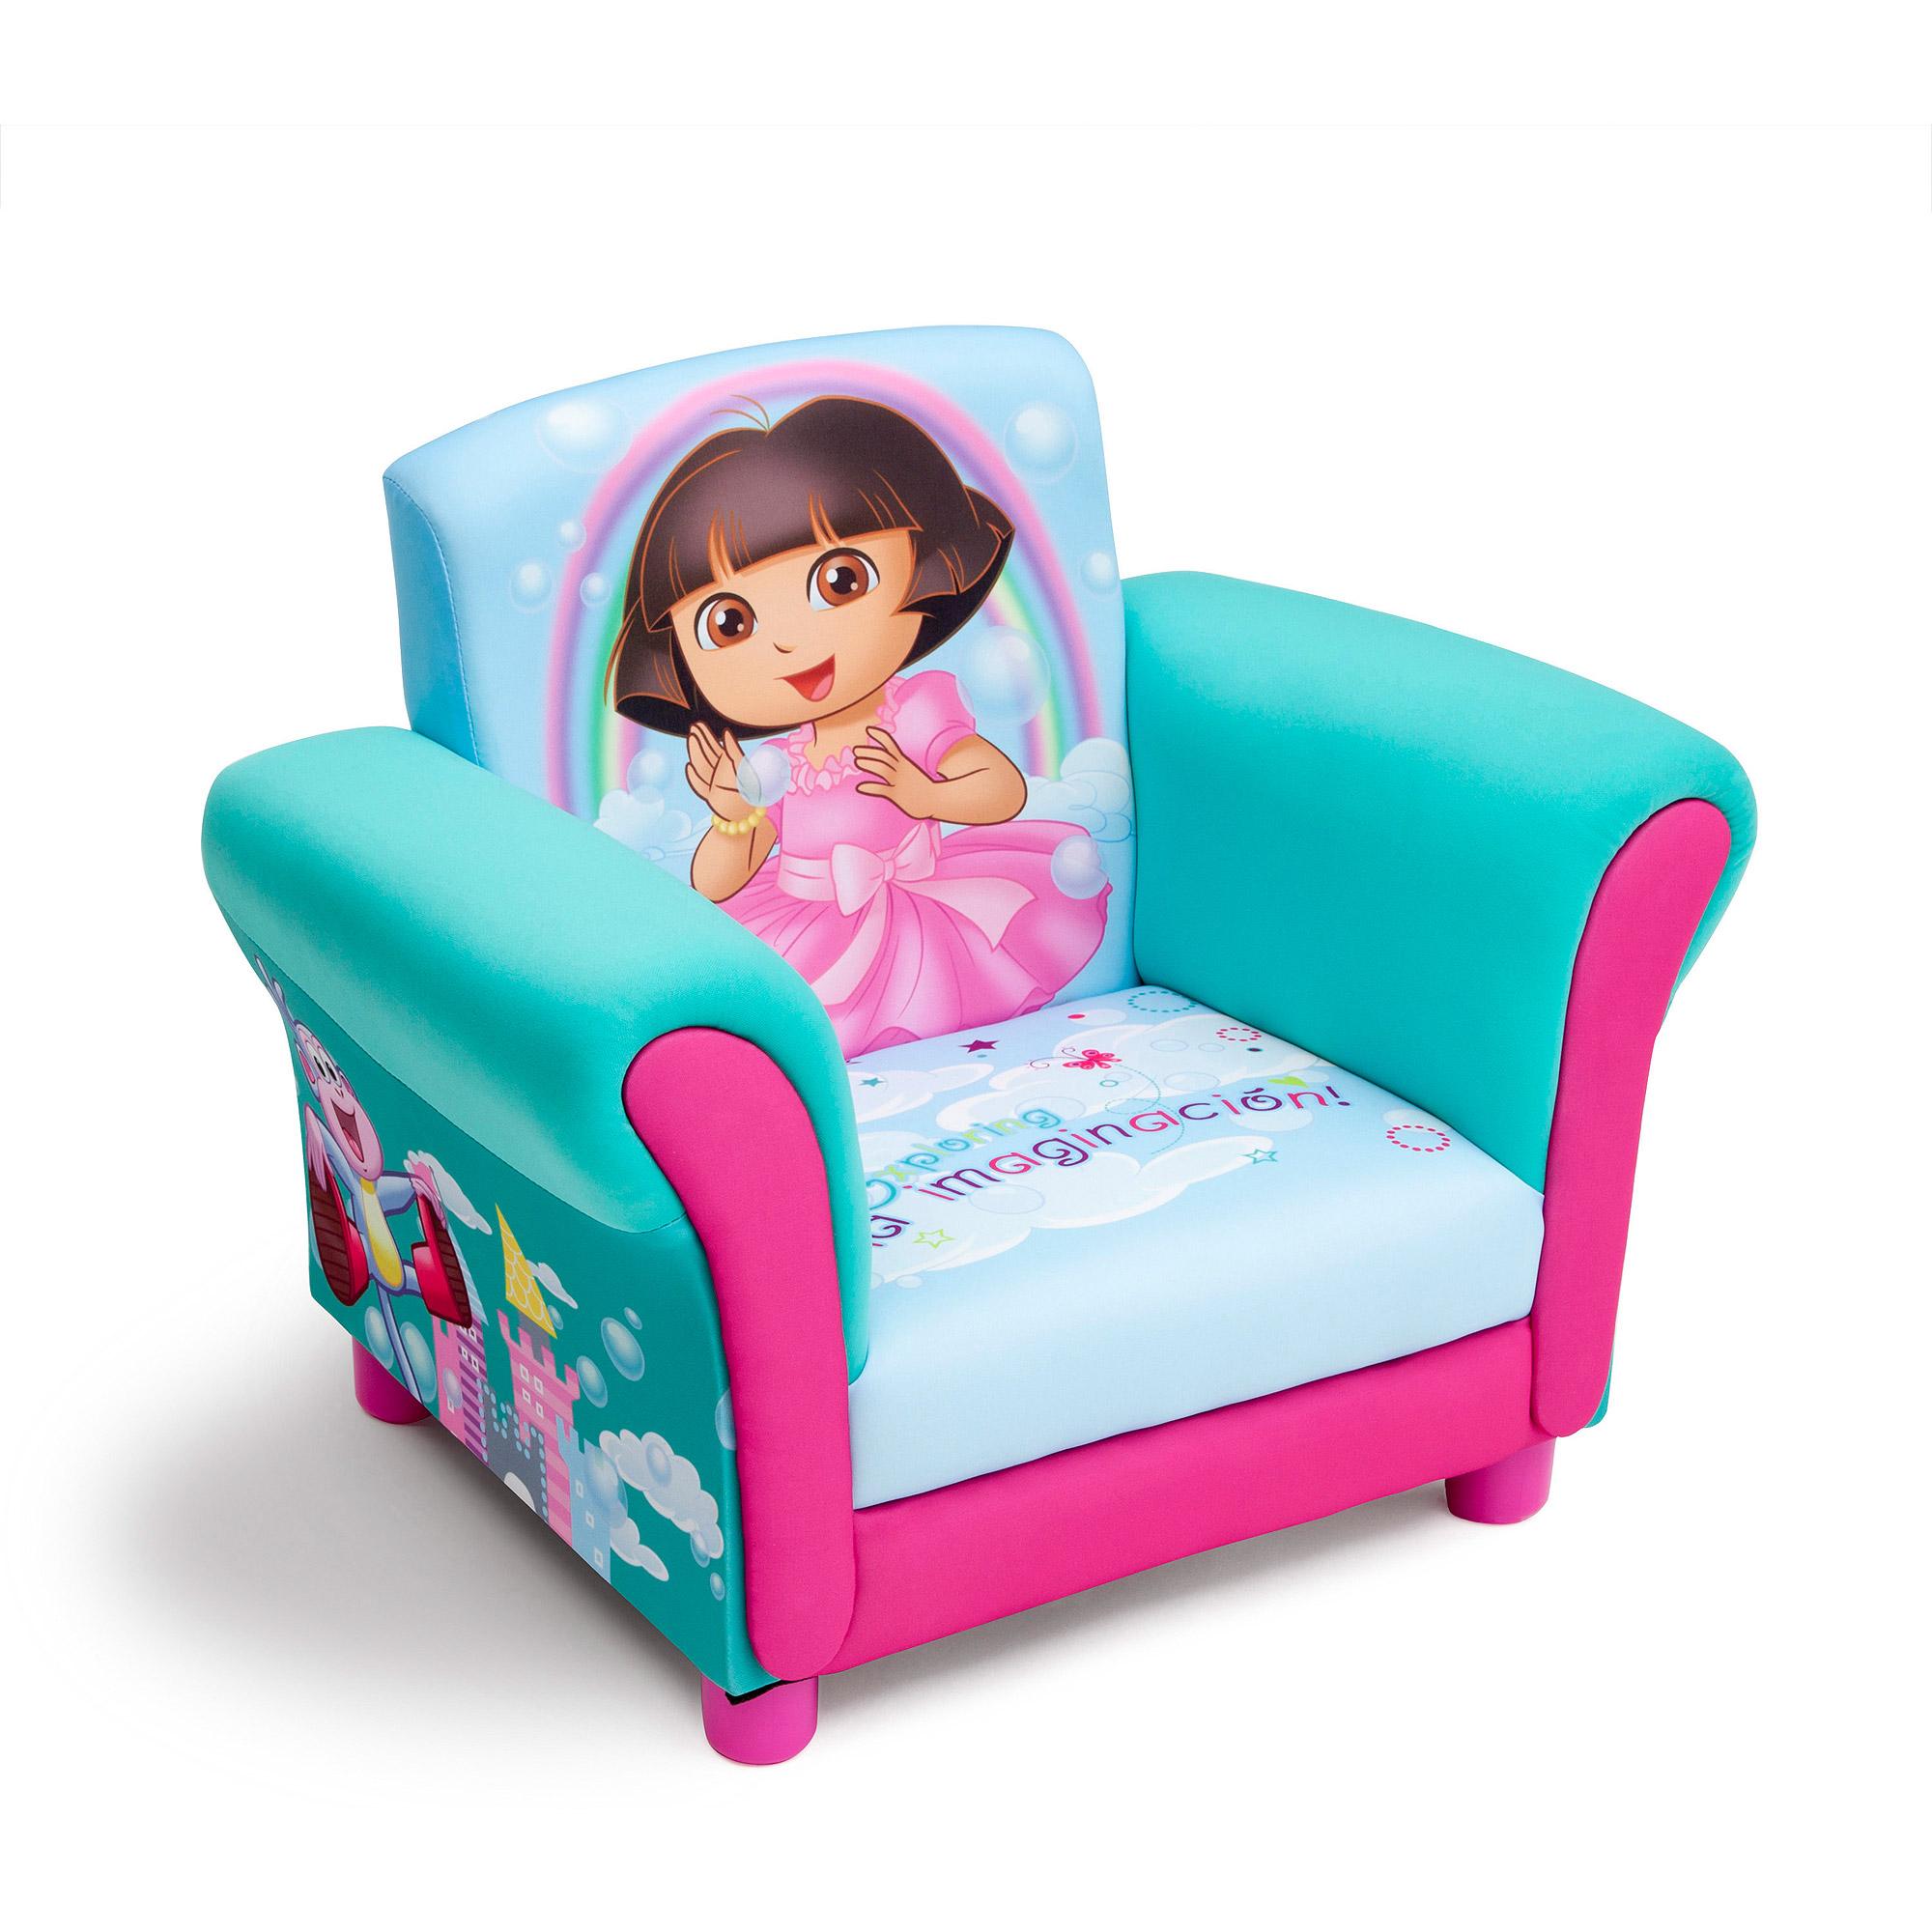 Nick Jr. Dora the Explorer Kids Upholstered Chair by Delta Children